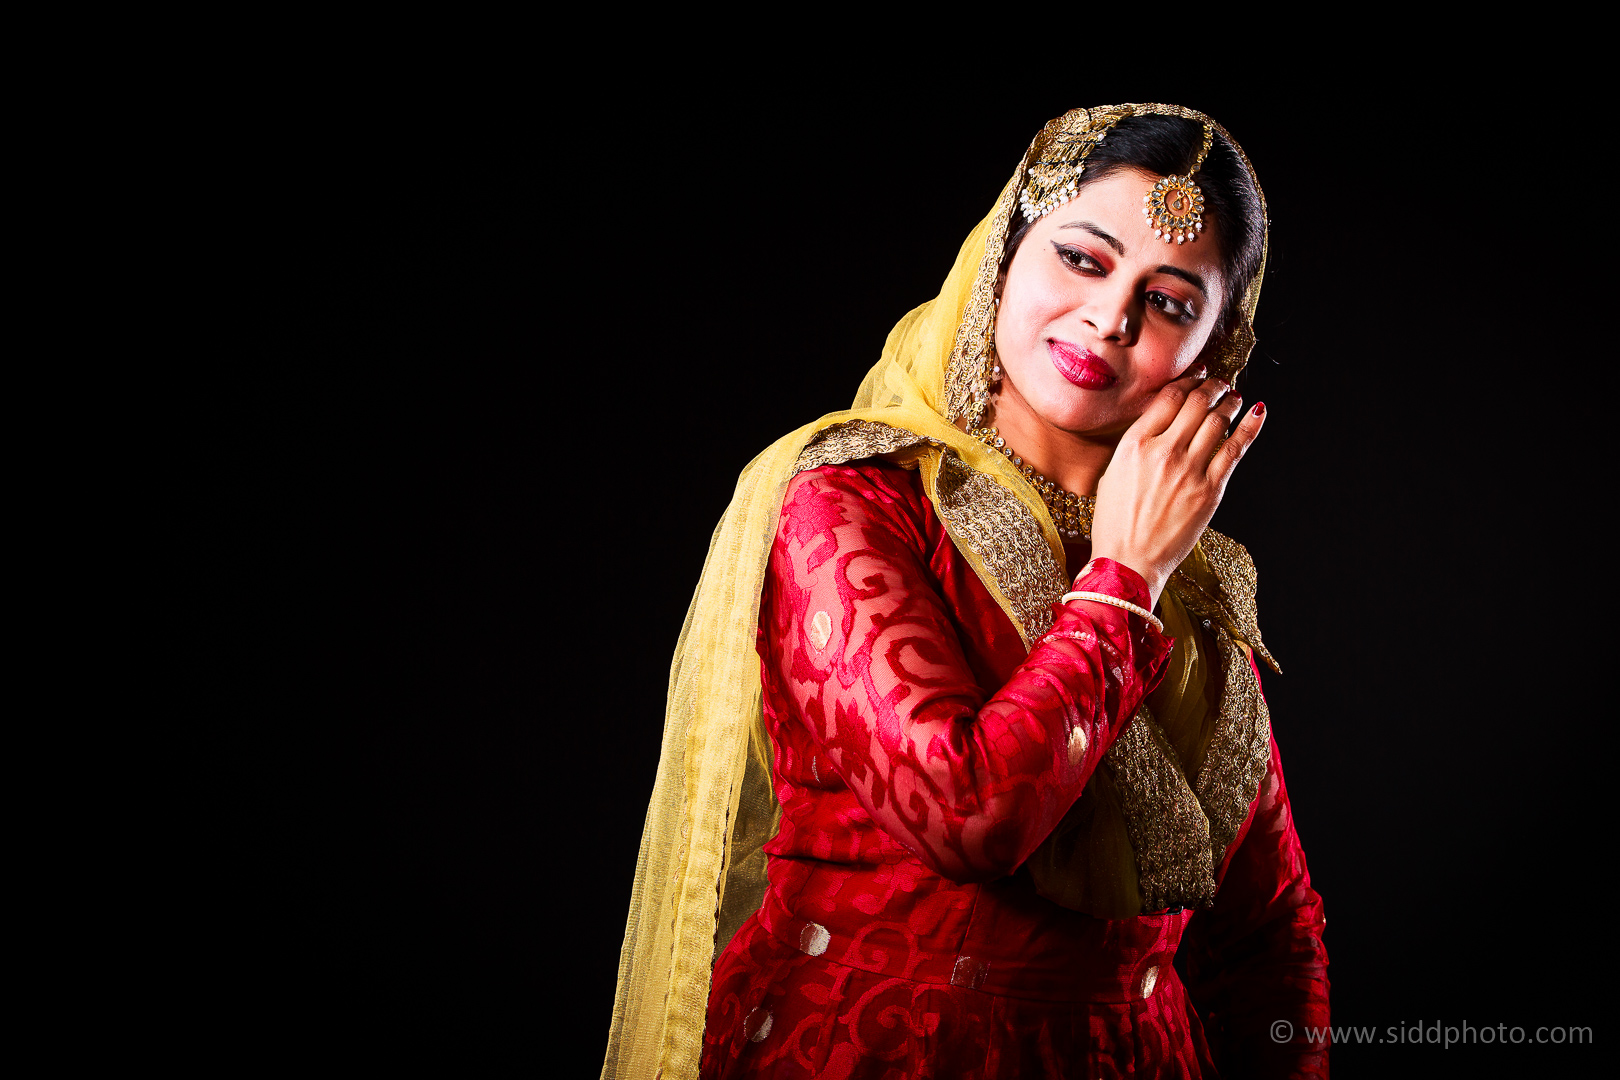 2012-04-21 - Antara Dutta Katthak Photoshoot - EO5C9836-02